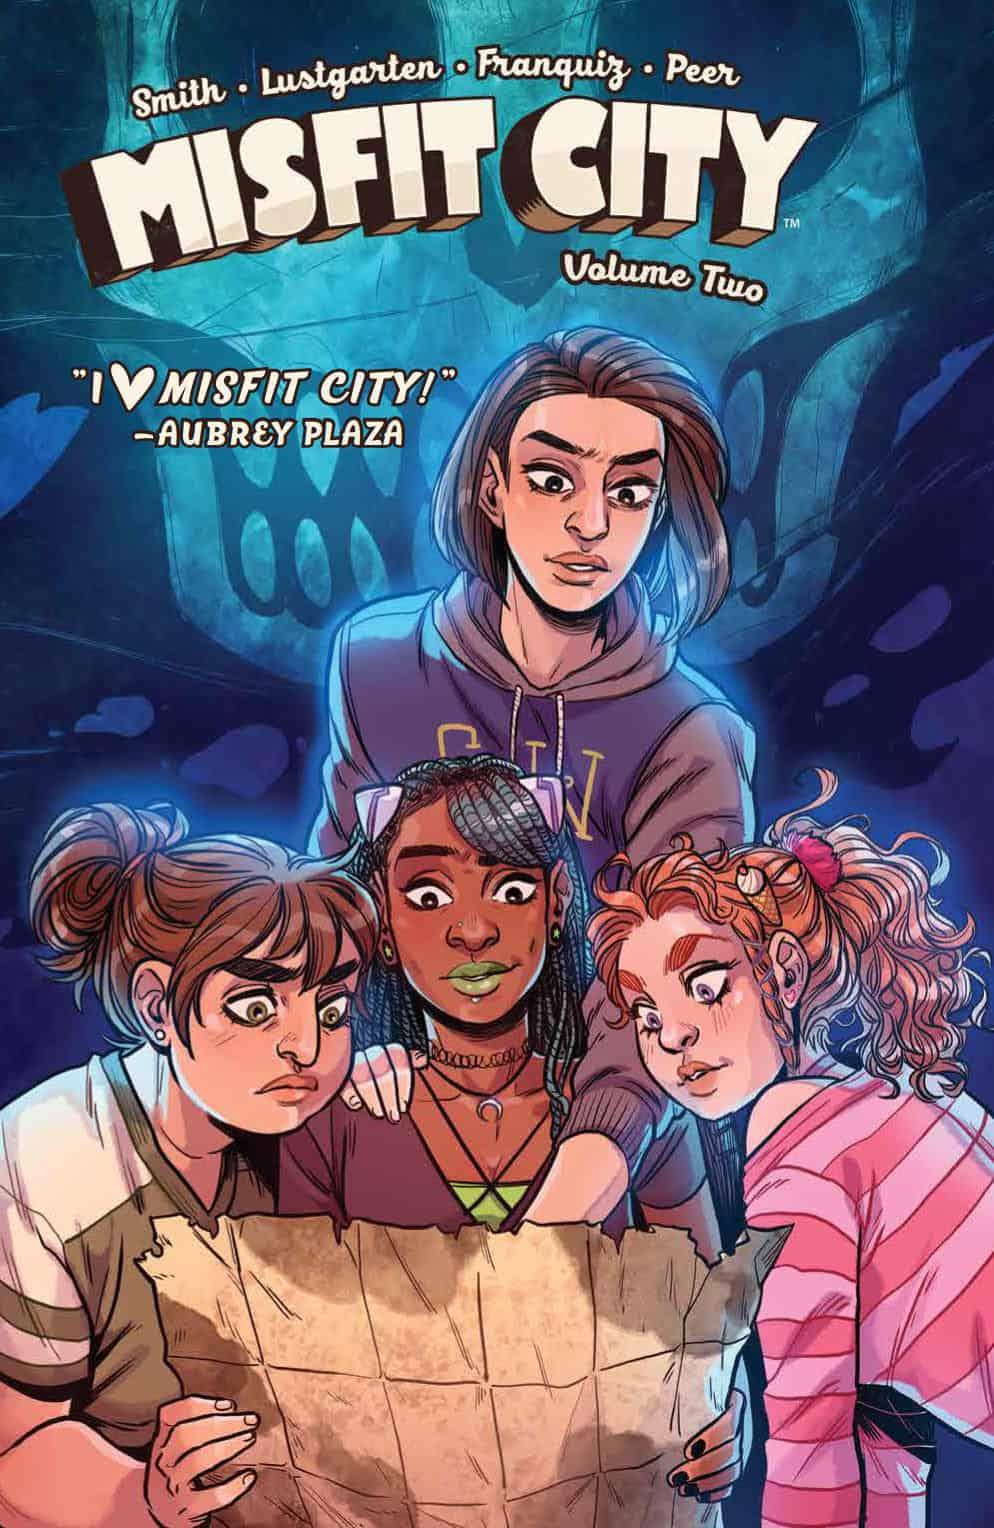 Misfit City Vol. 2 SC